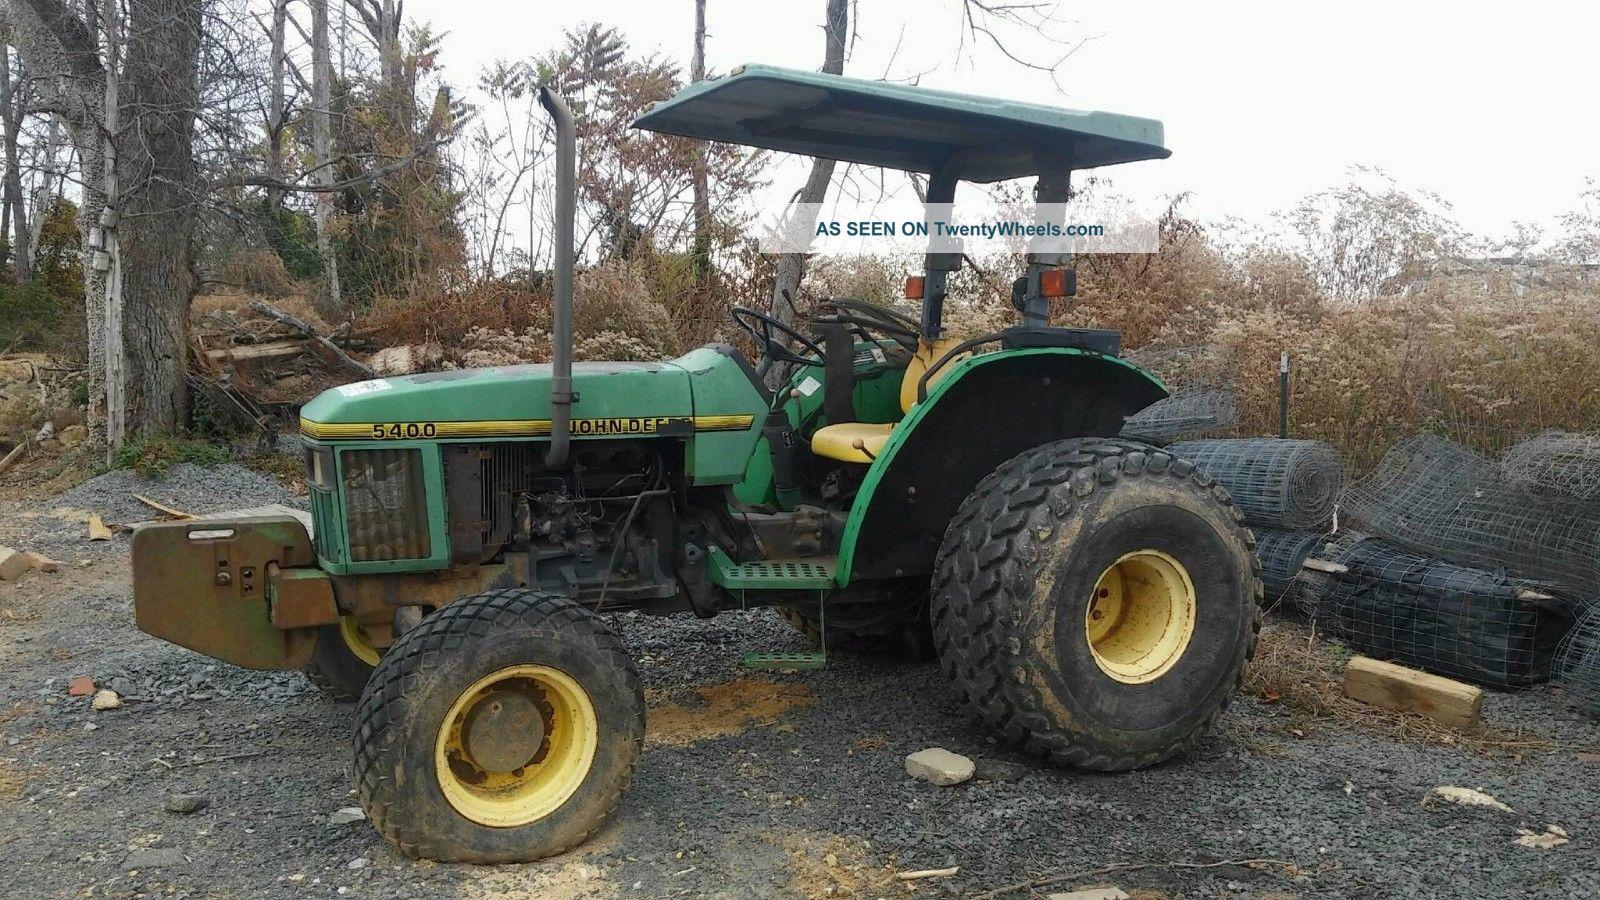 5400 John Deere Tractor